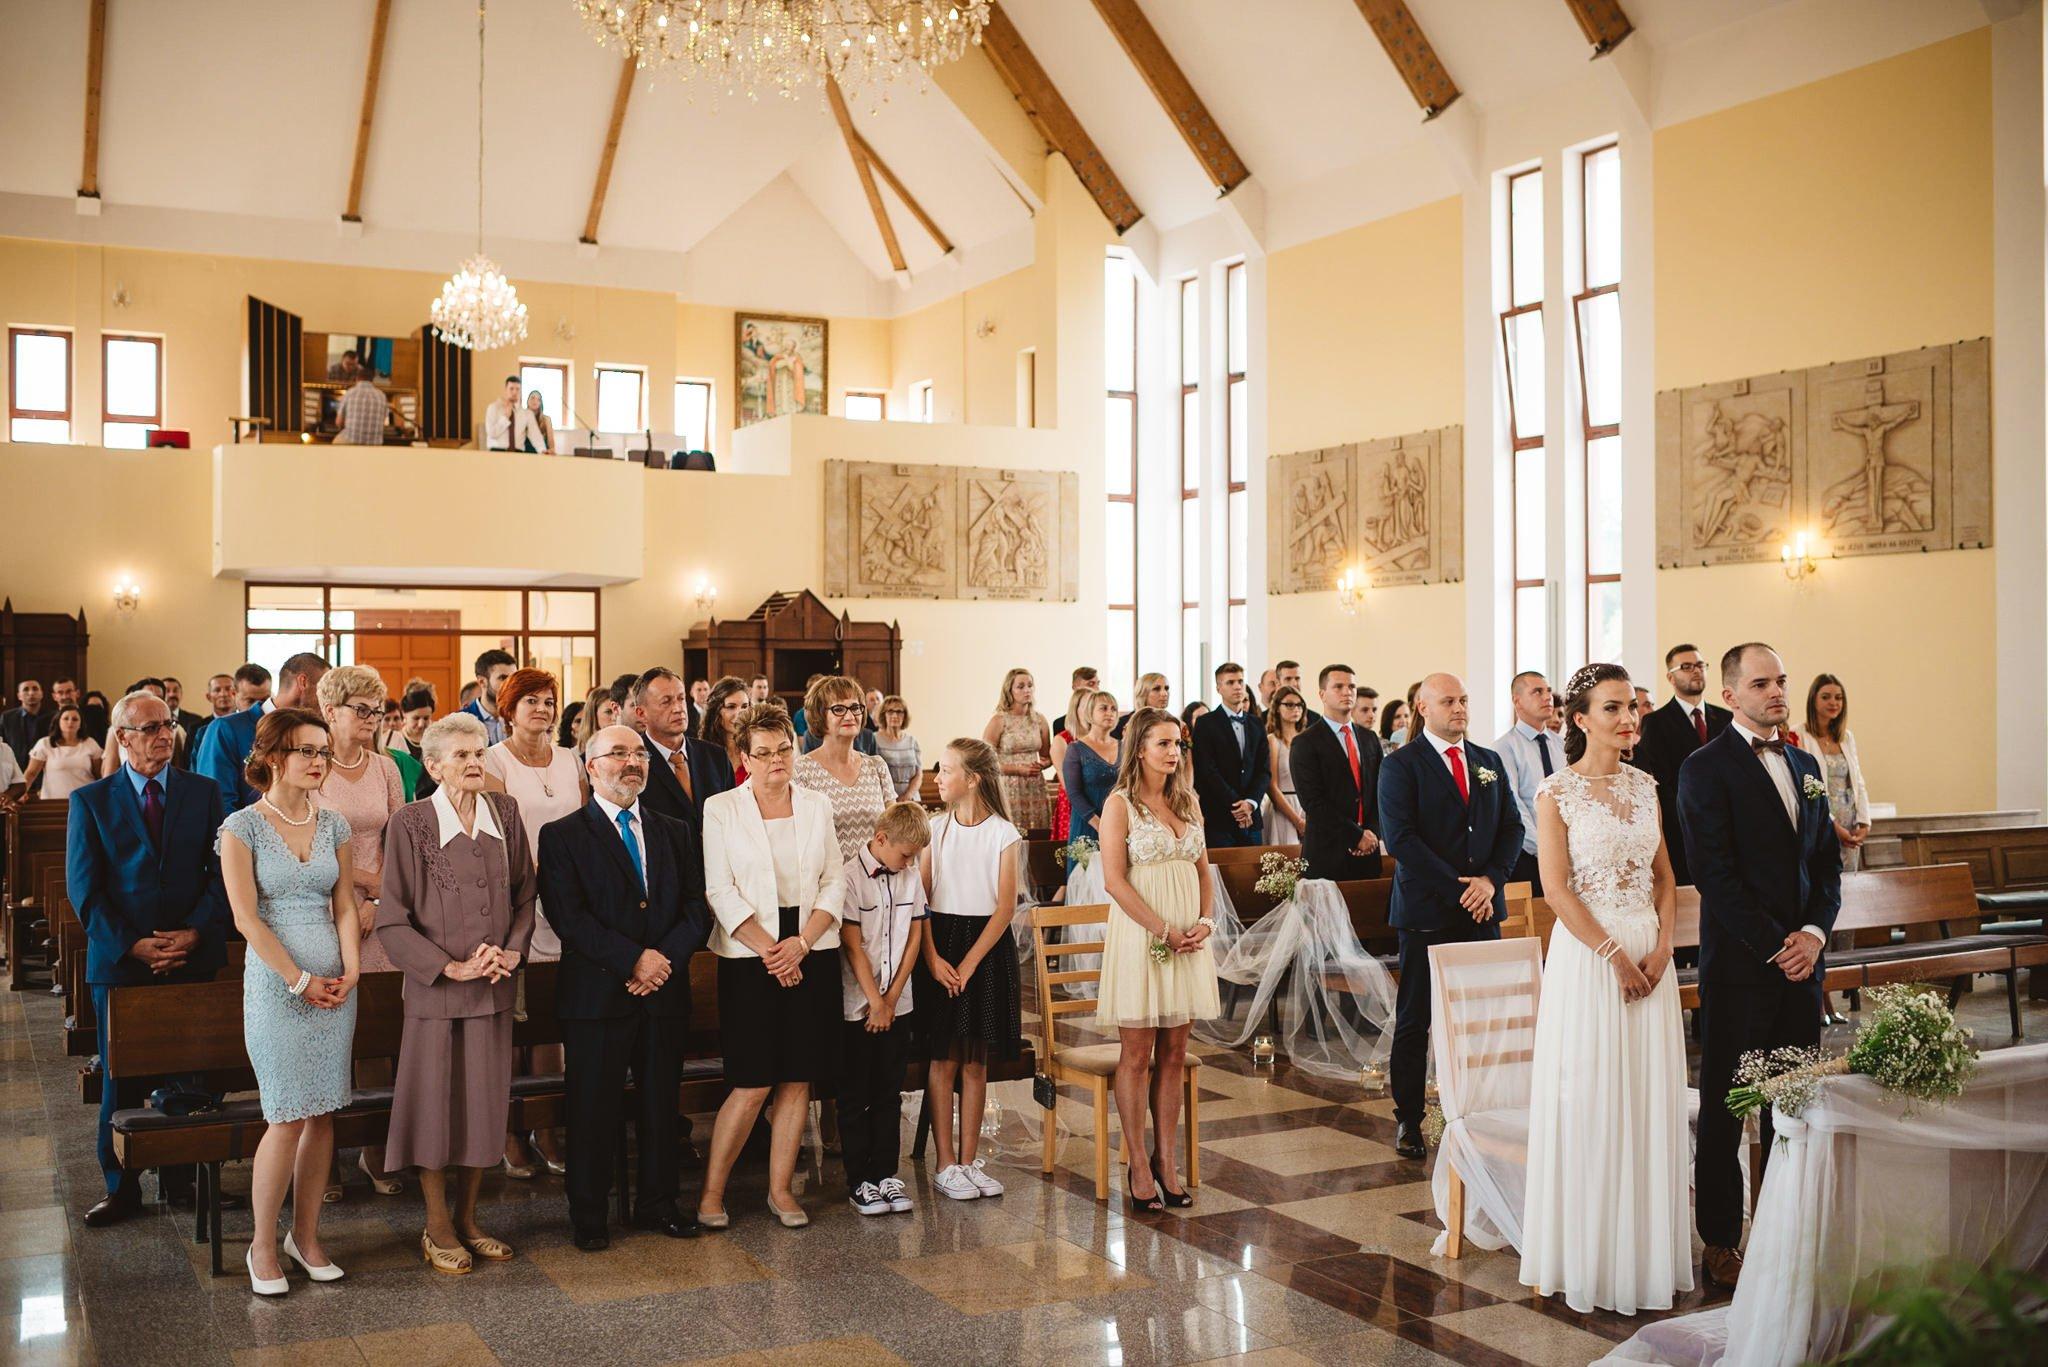 Ala i Arek, czyli jak zorganizować ślub i wesele w 4 tygodnie! 75